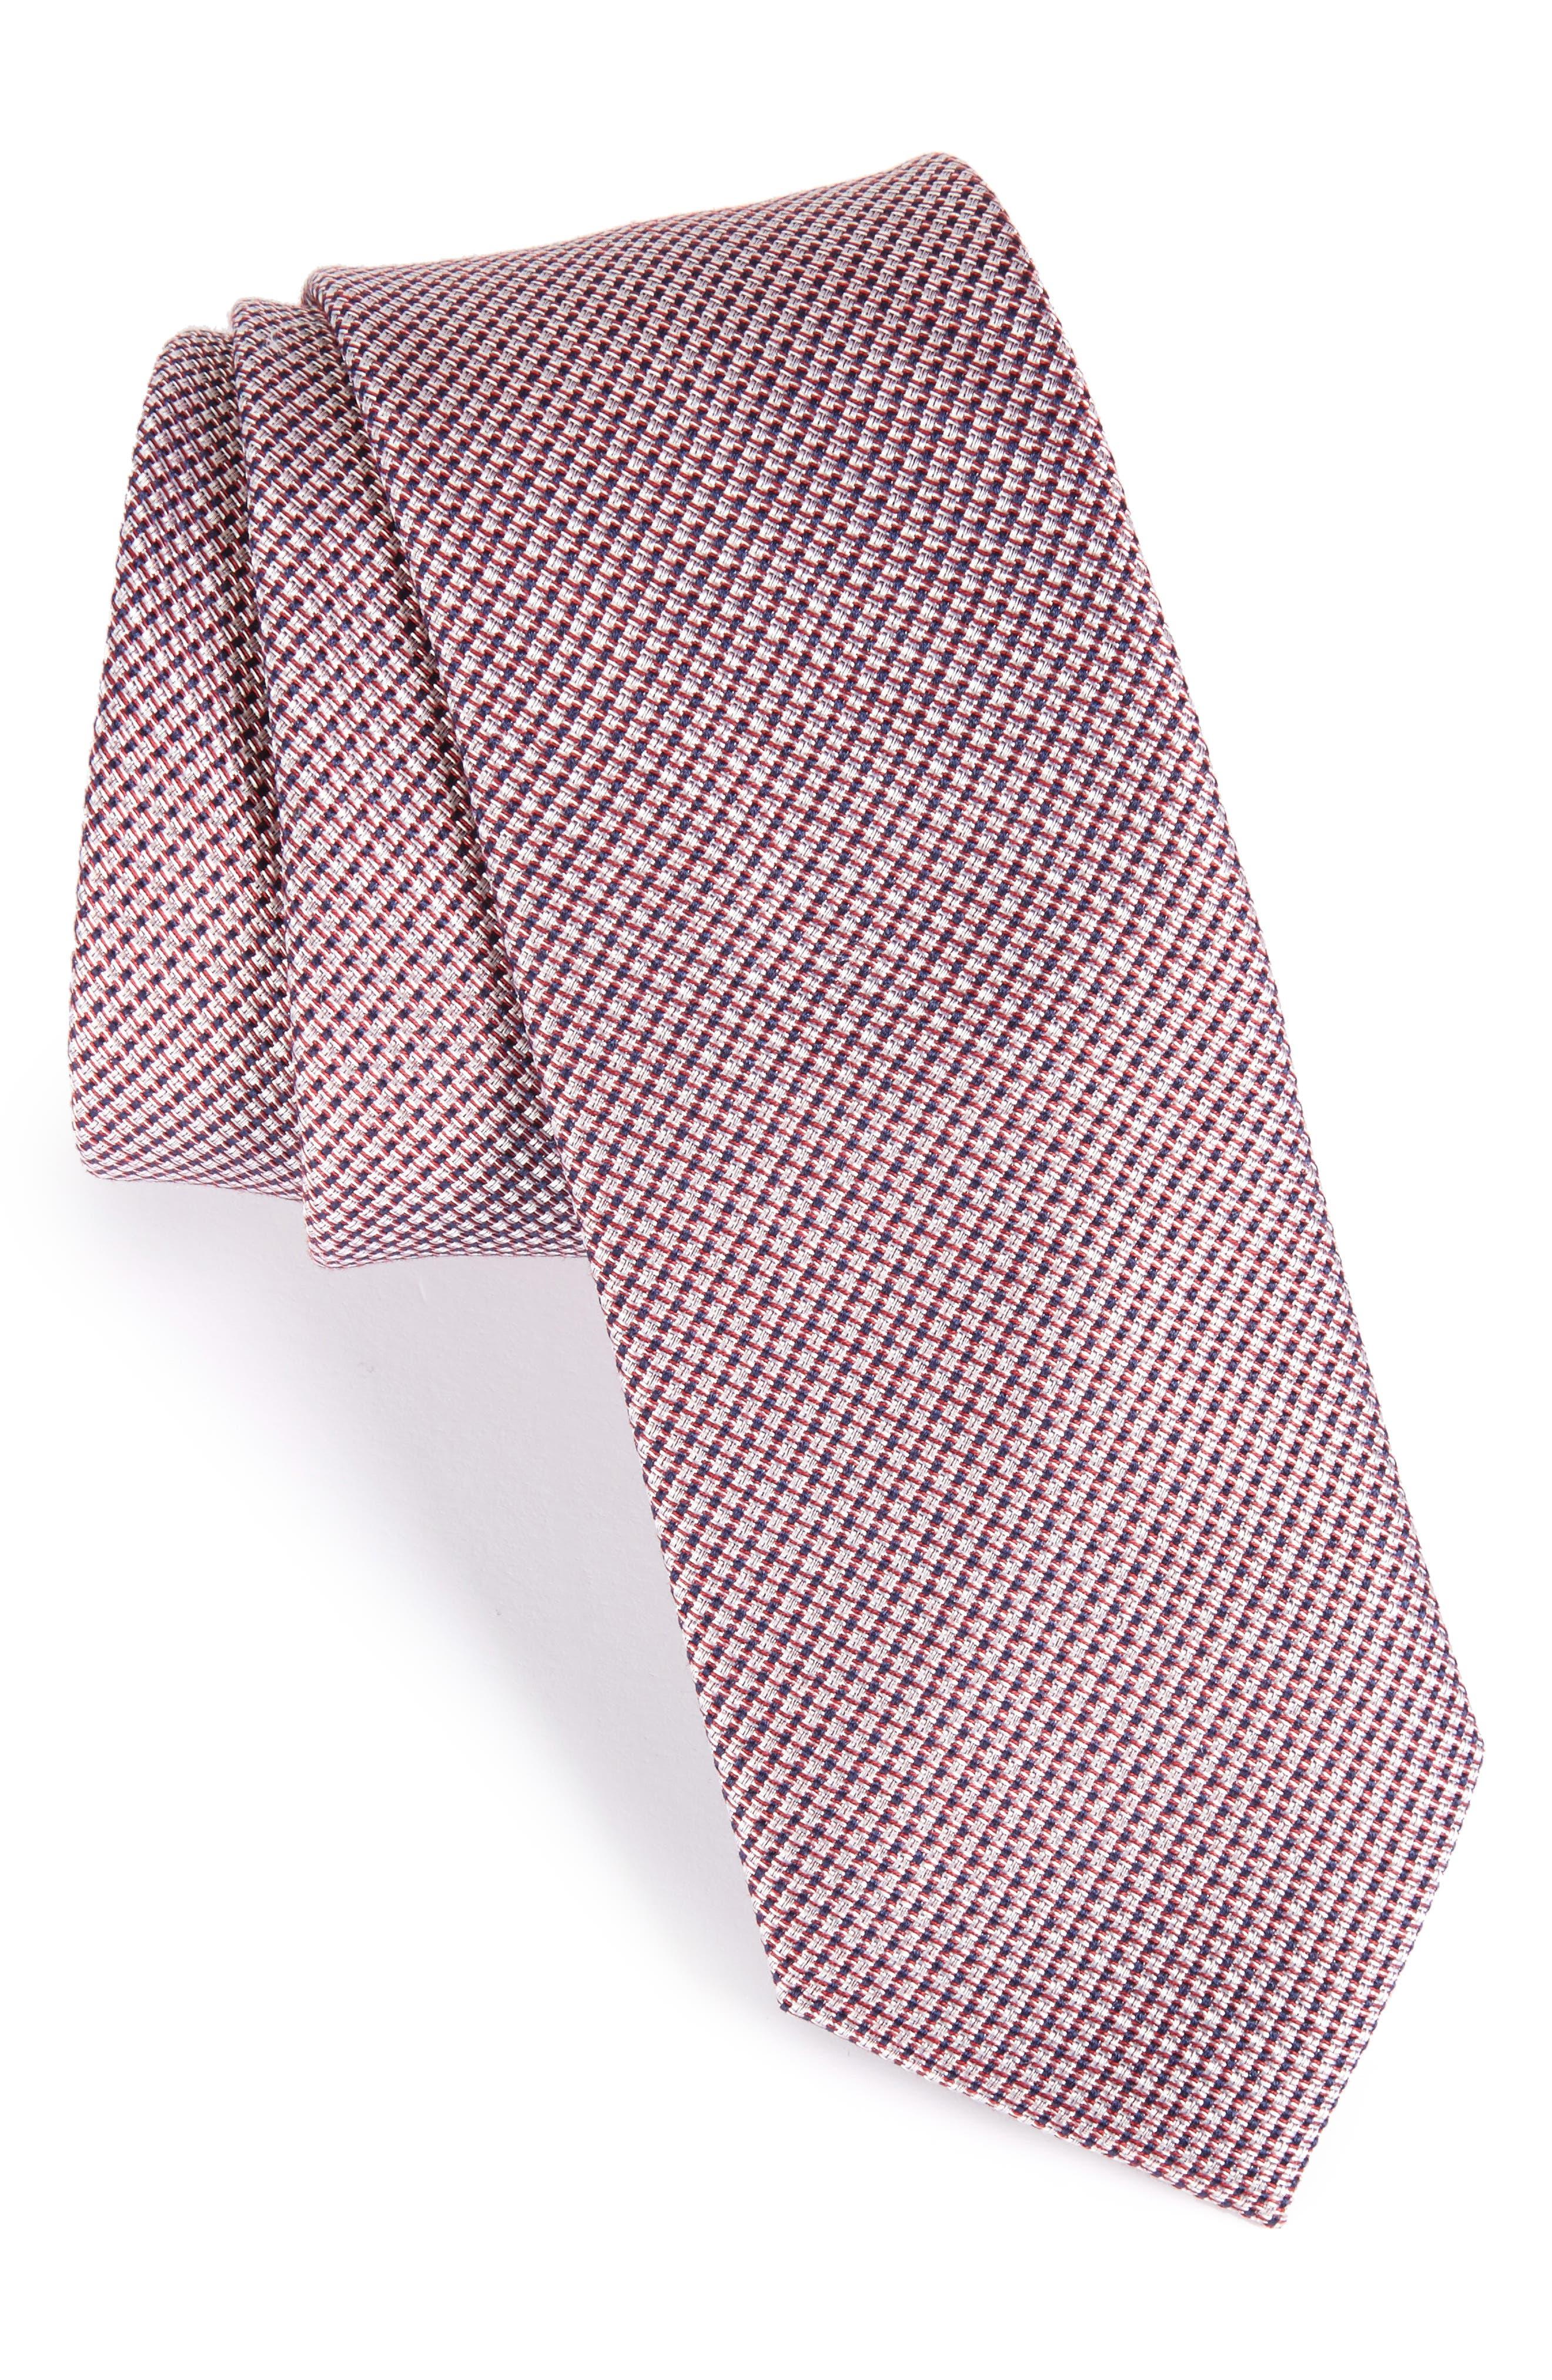 NORDSTROM MENS SHOP Solid Silk & Cotton Skinny Tie